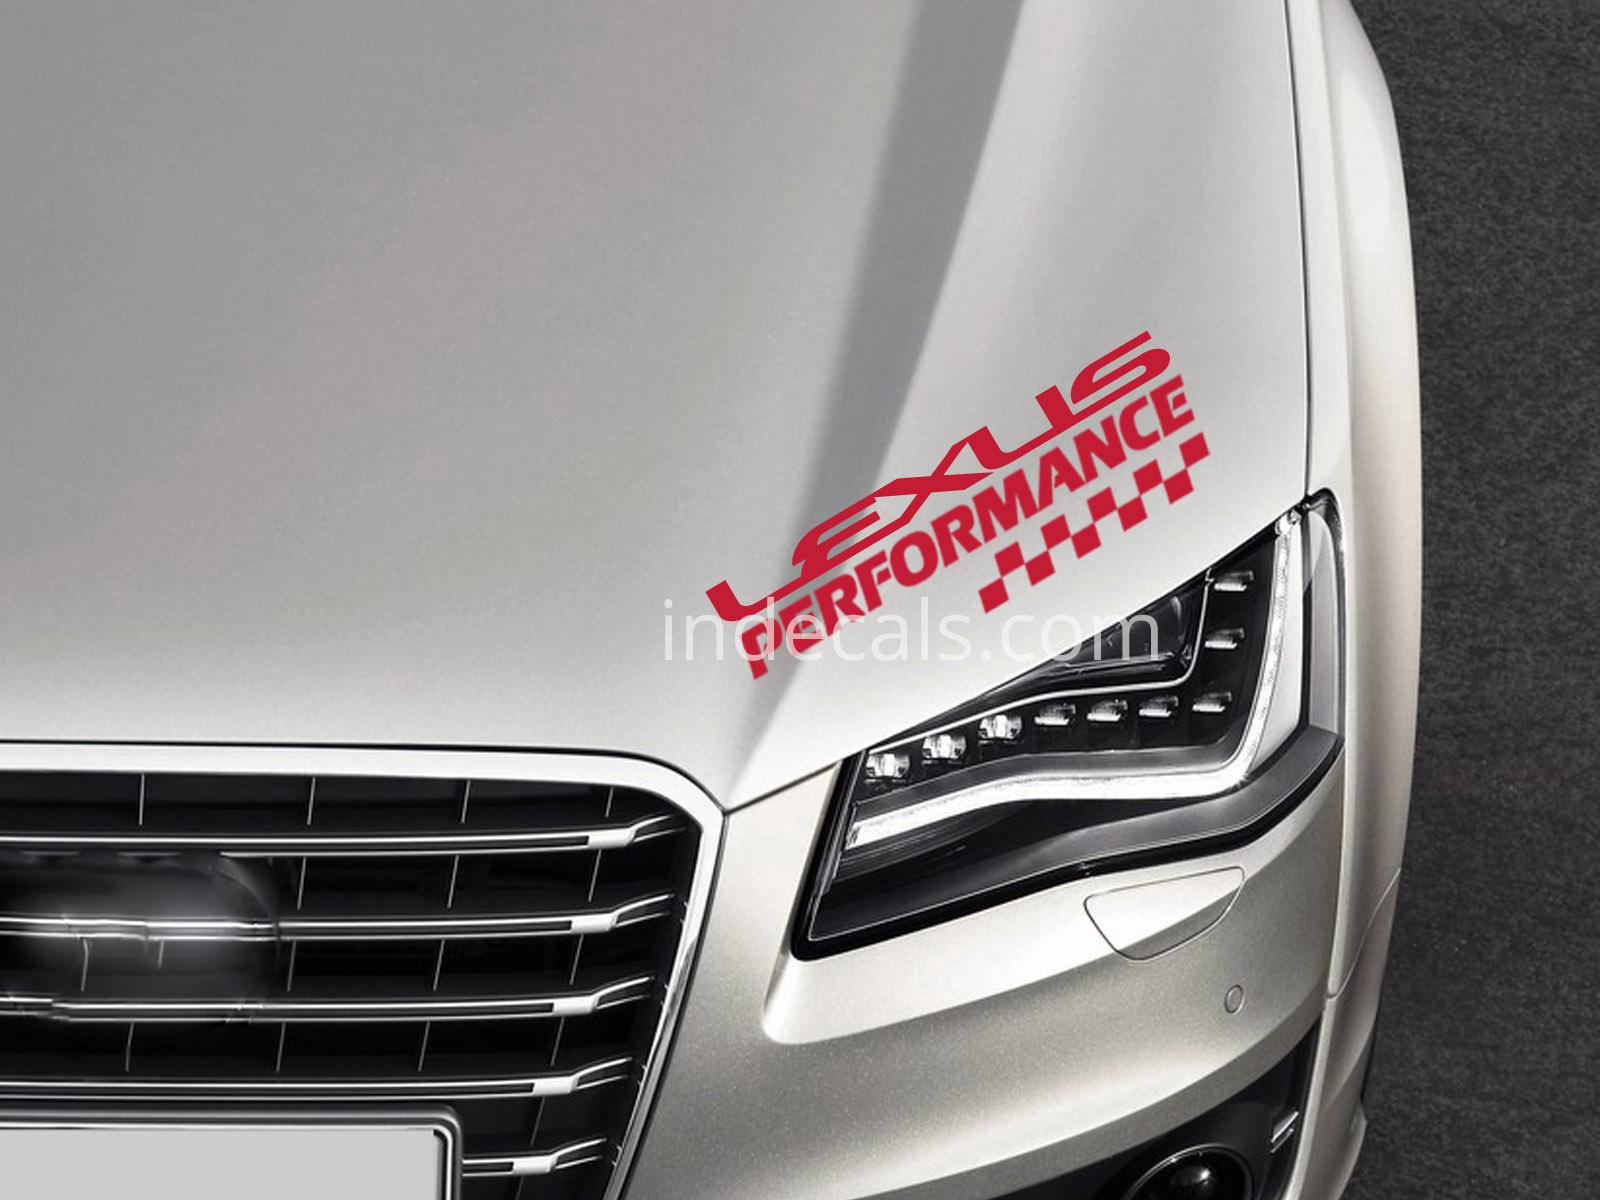 Lexus Windshield Vinyl Decal Banner Sticker Ebay